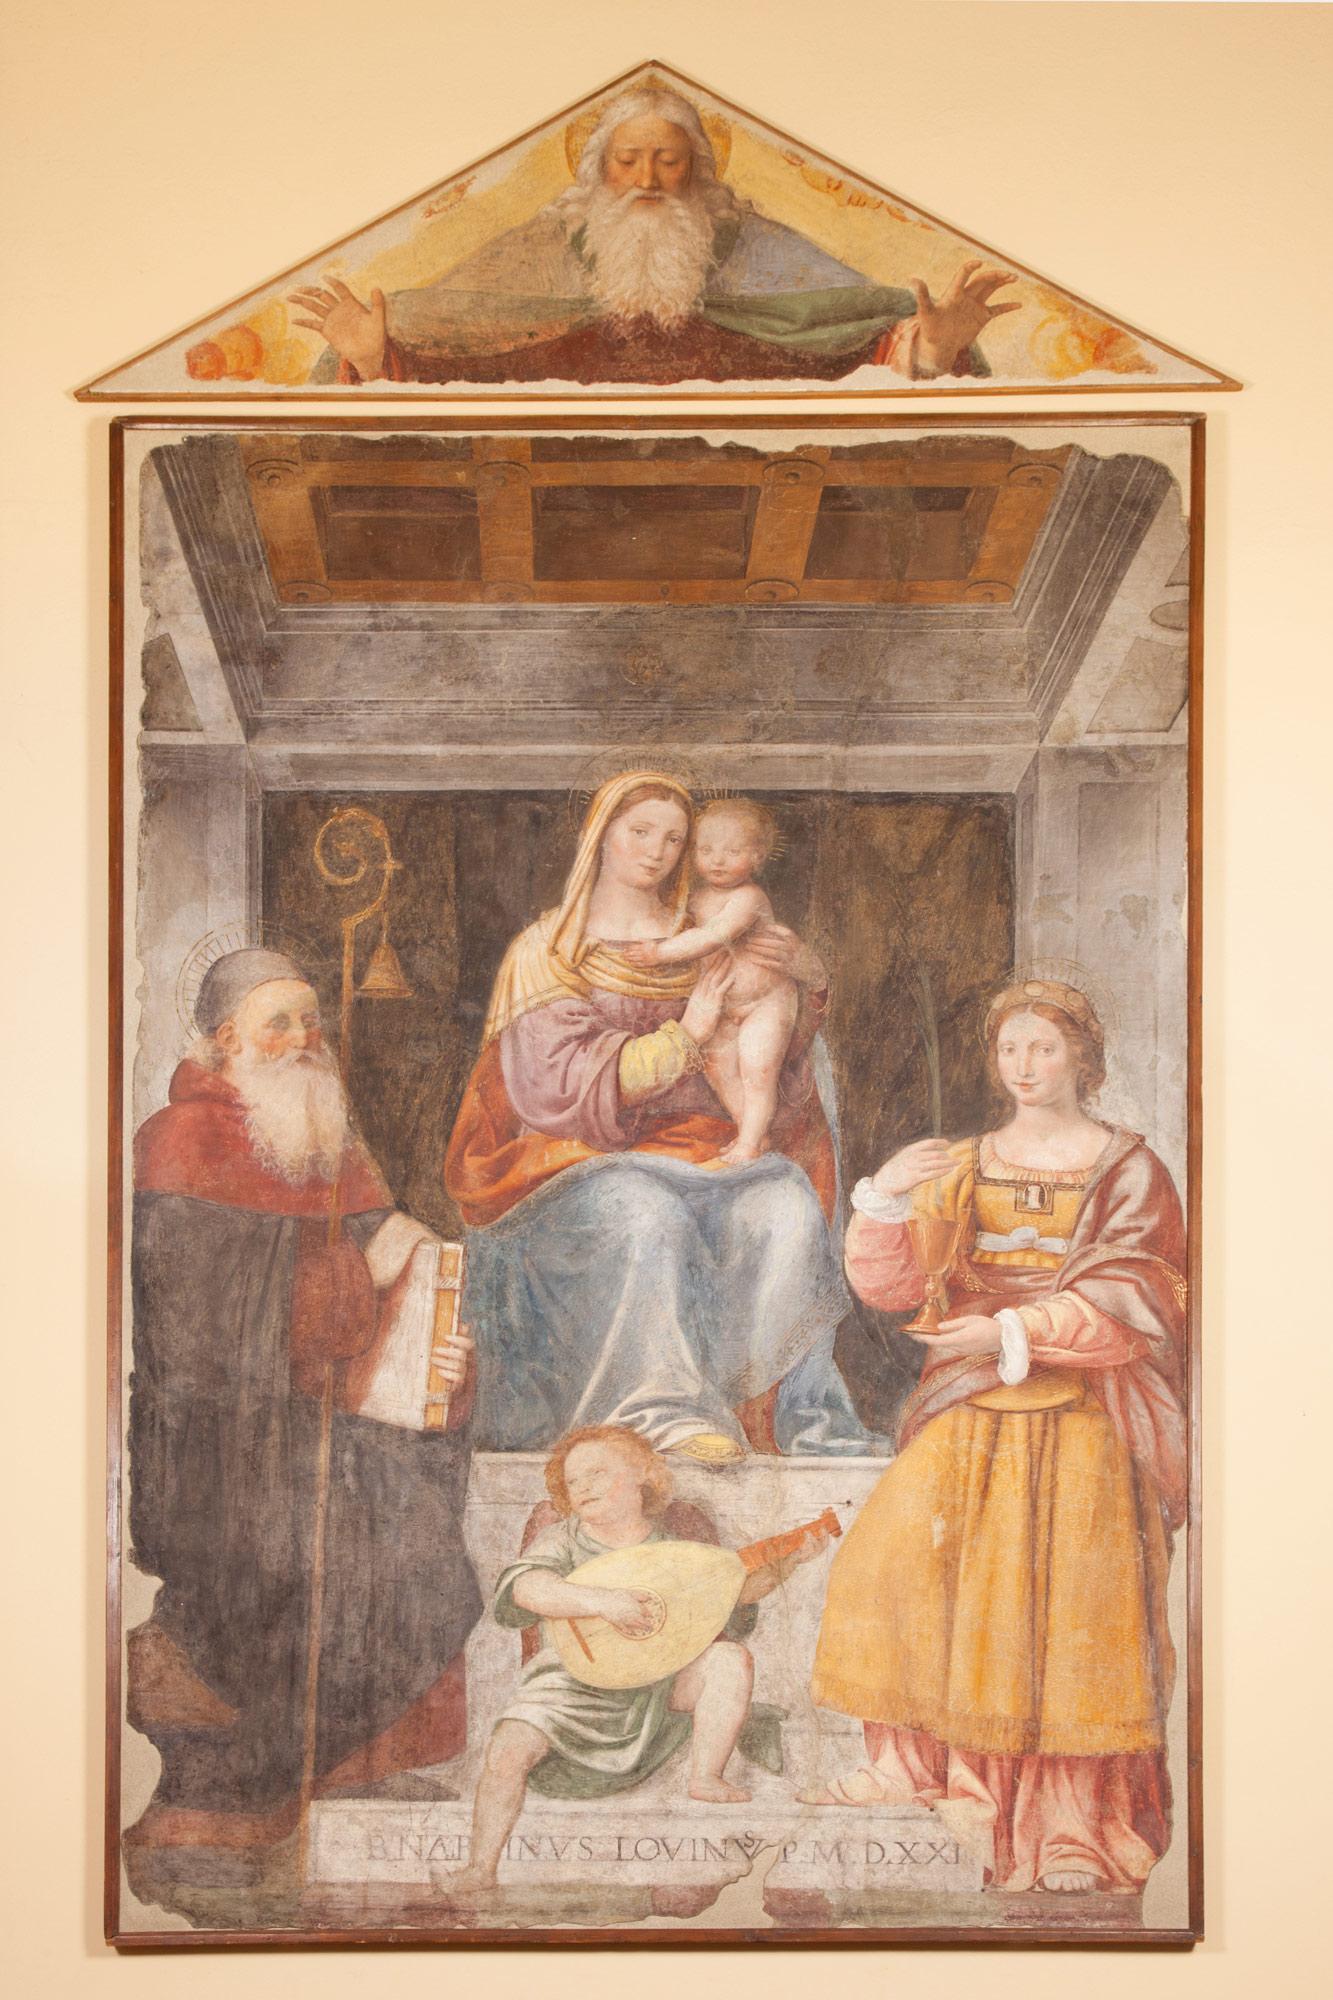 Bernardino Luini, Madonna col bambino in trono con i Santi Antonio Abate e Barbara (1521; Museo Nazionale Scienza e Tecnologia Leonardo da Vinci, in deposito dalla Pinacoteca di Brera)